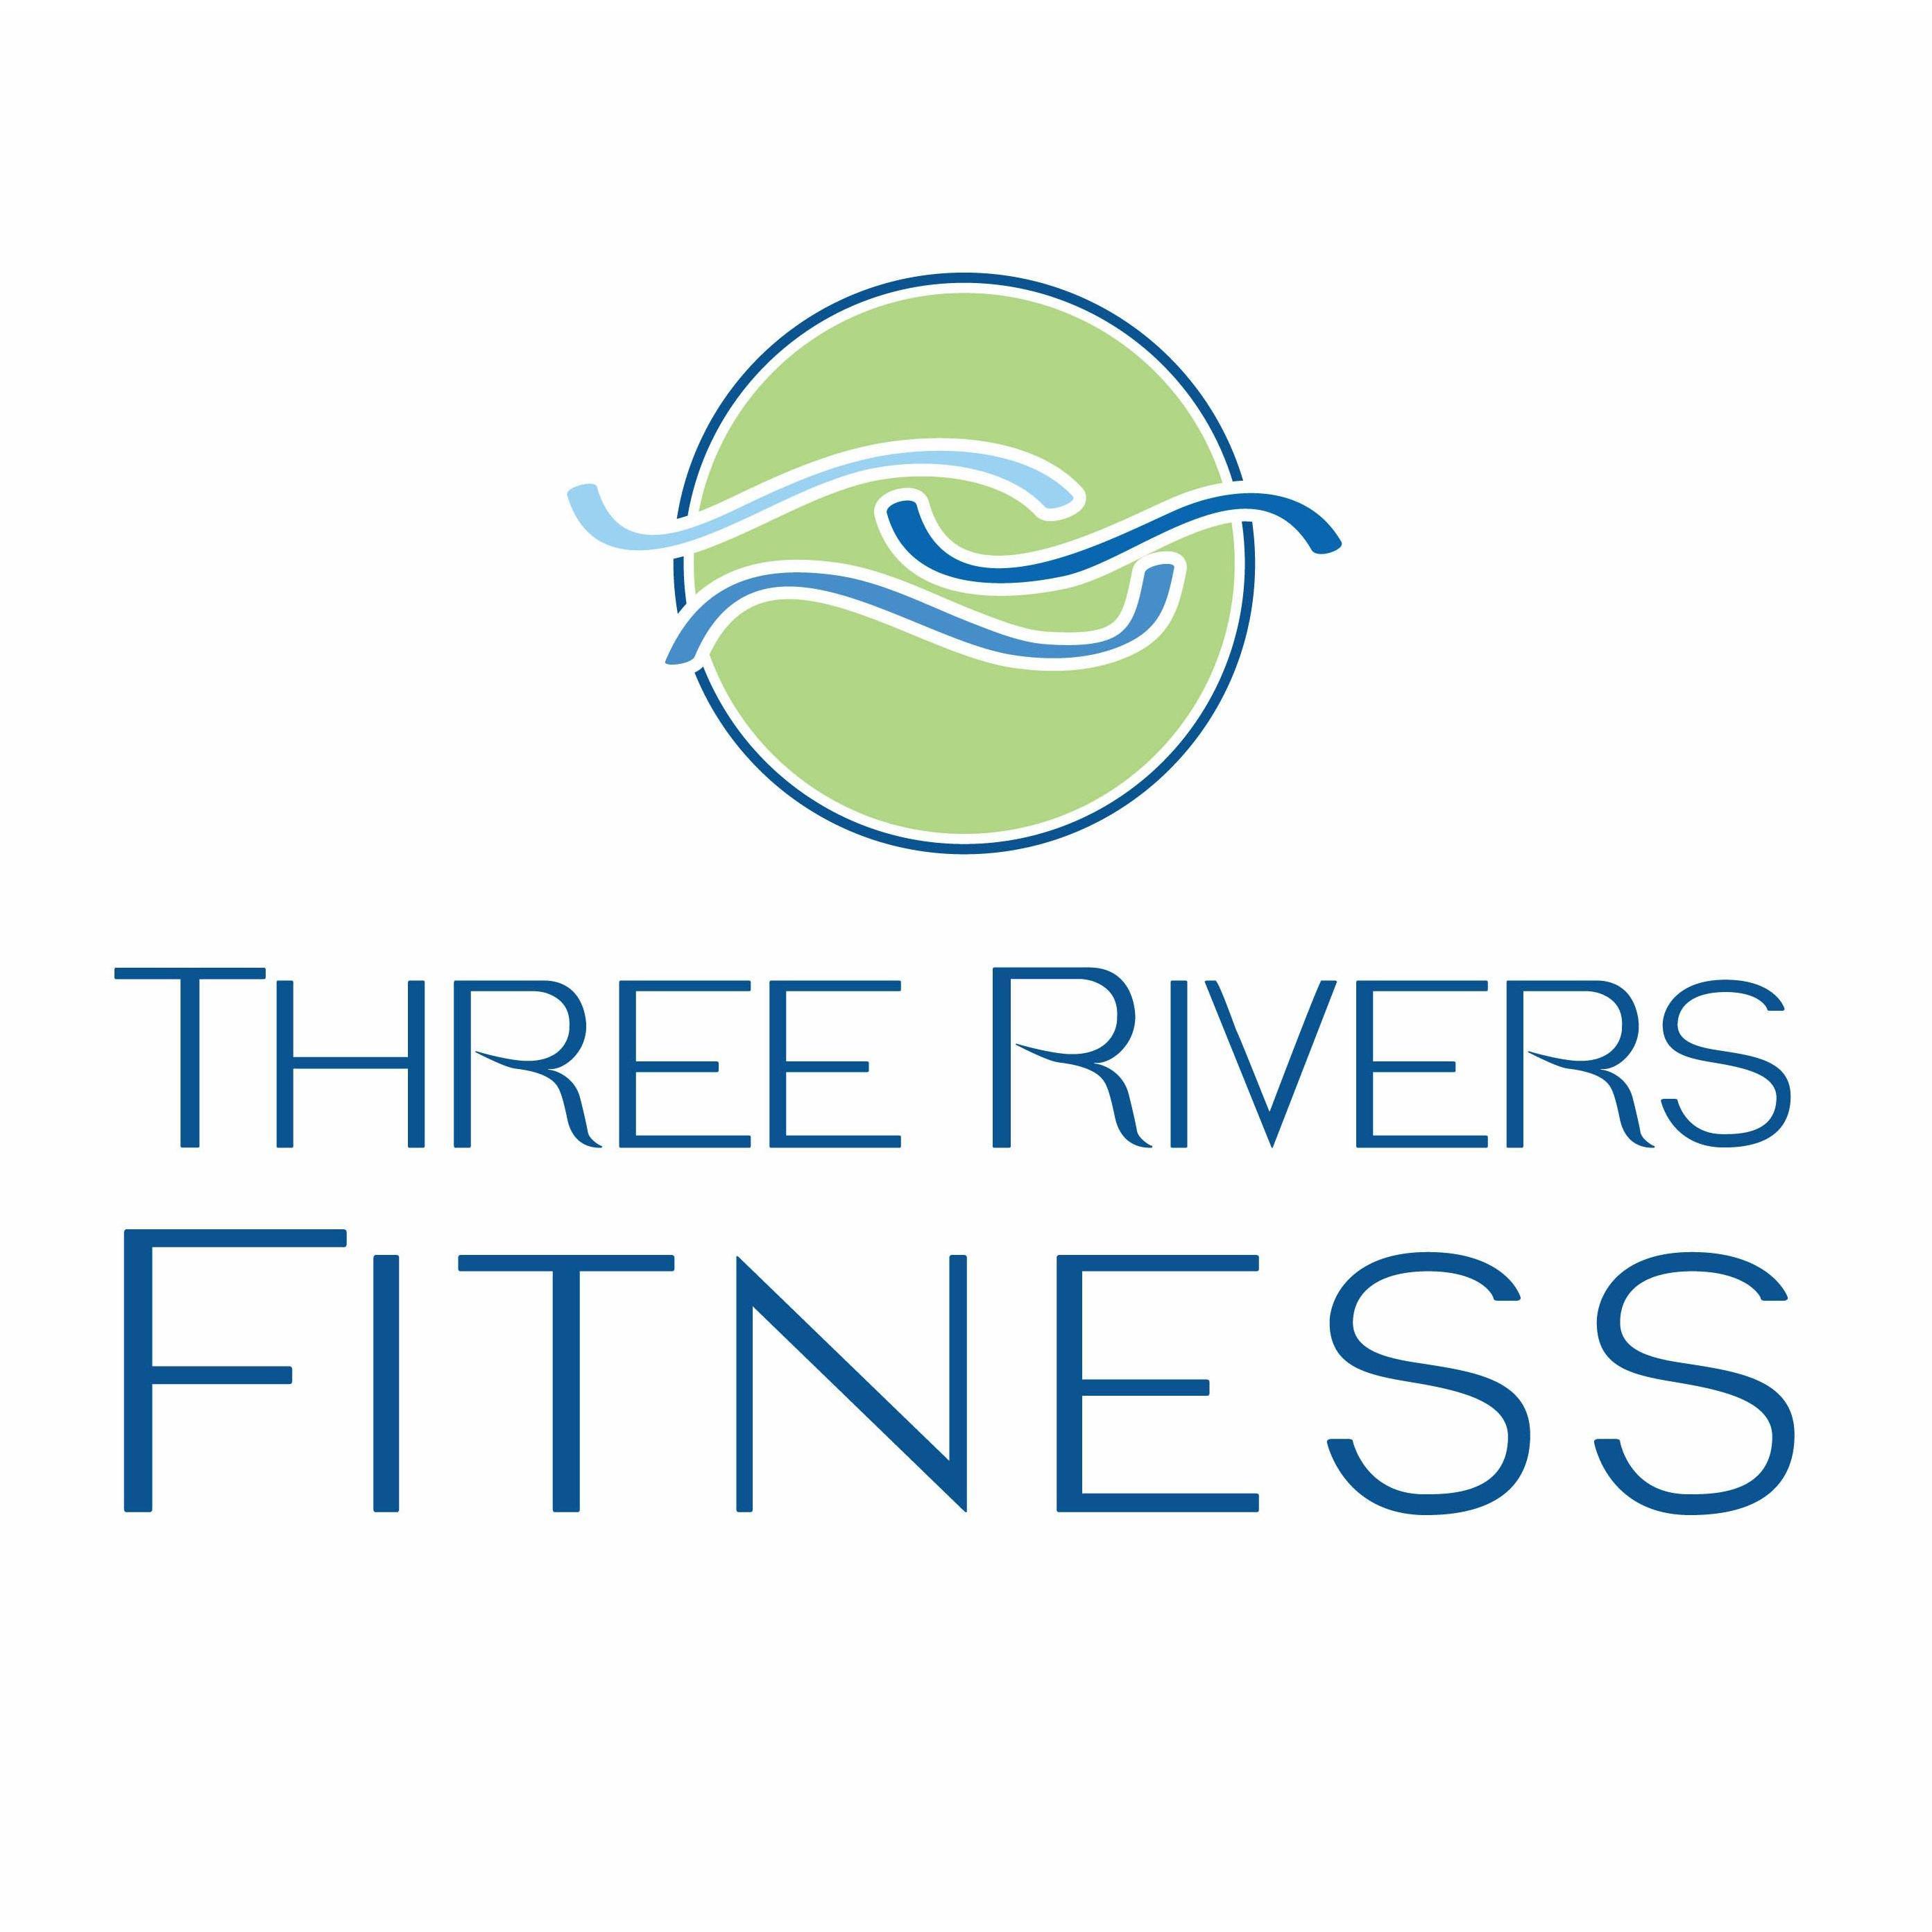 Three Rivers Fitness